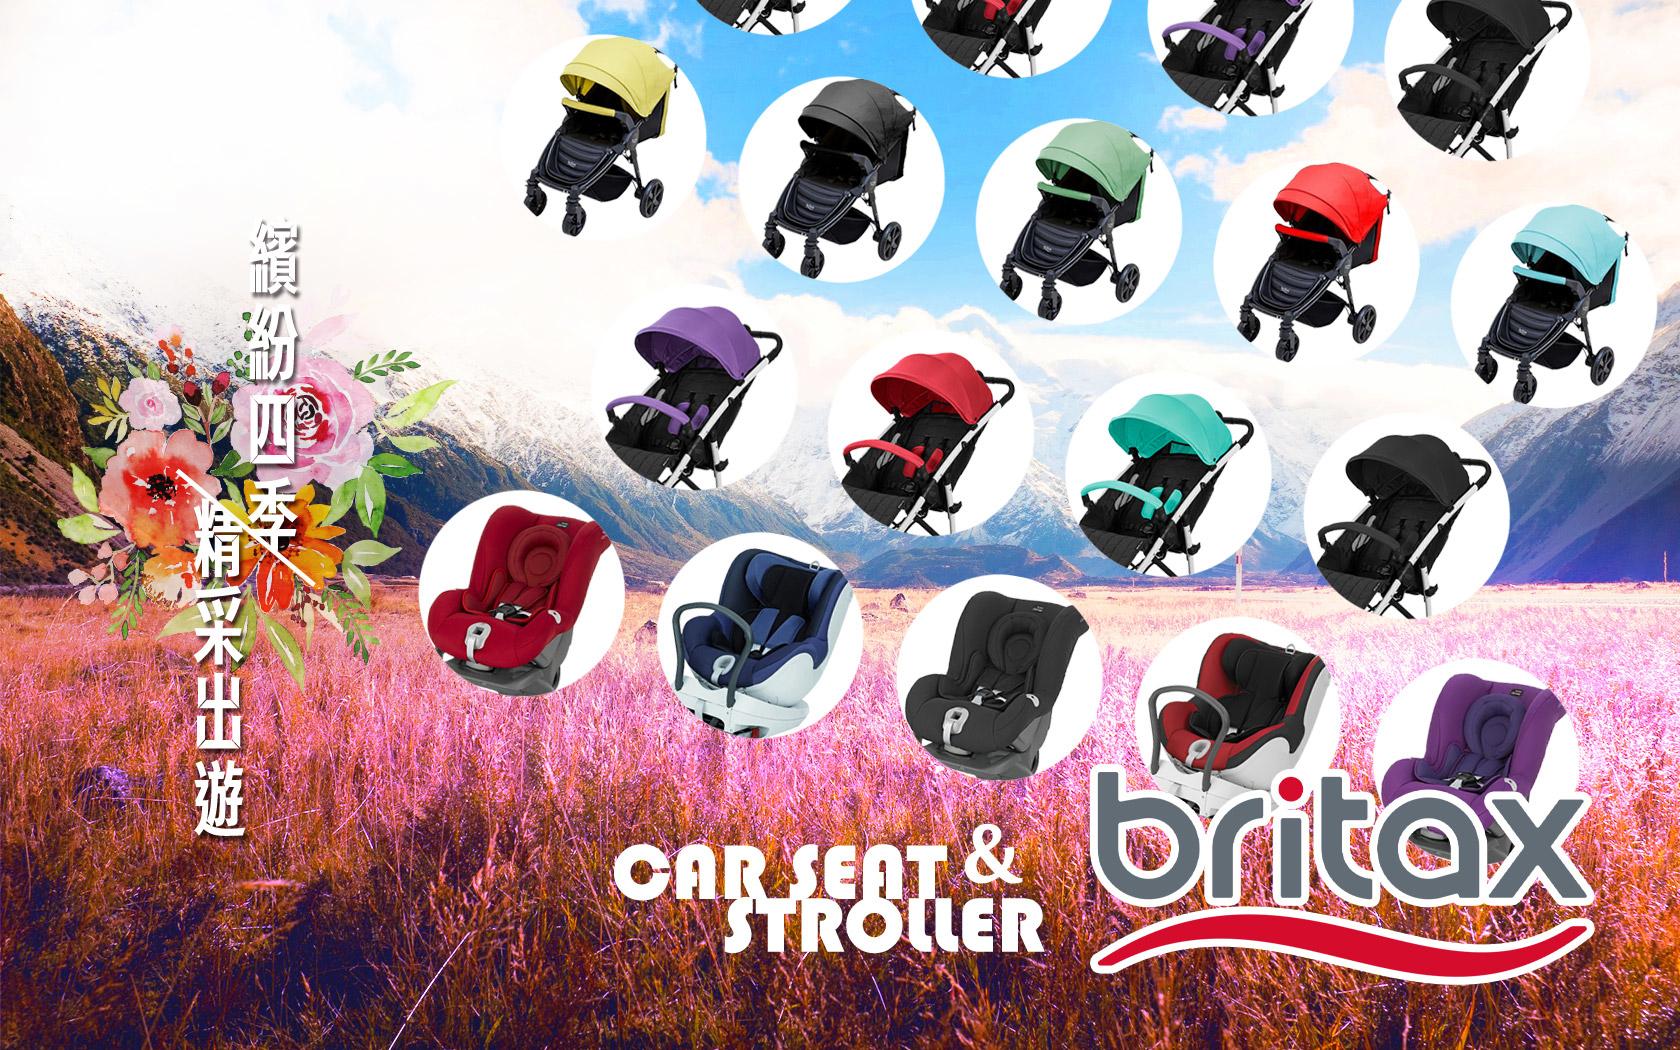 BRITAX推車汽座,好口碑的四季常紅品牌,歡迎蒞臨門市現場參觀比較